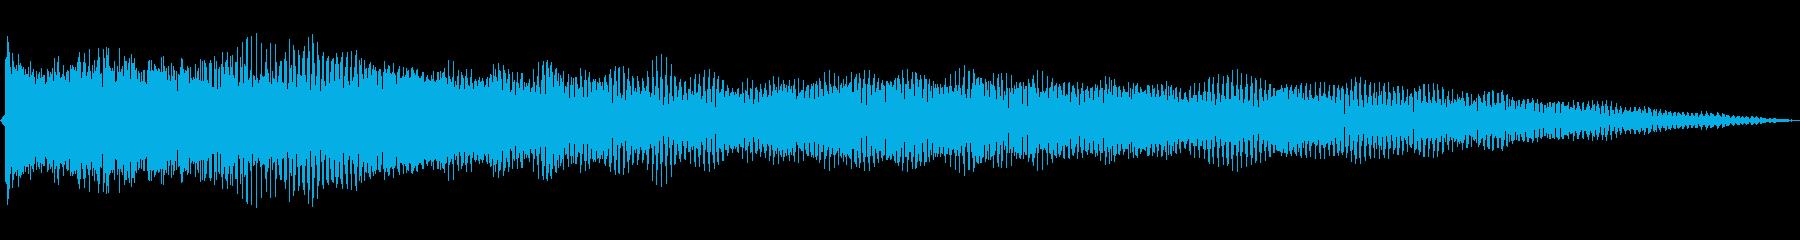 ロックブルースバンパー2の再生済みの波形